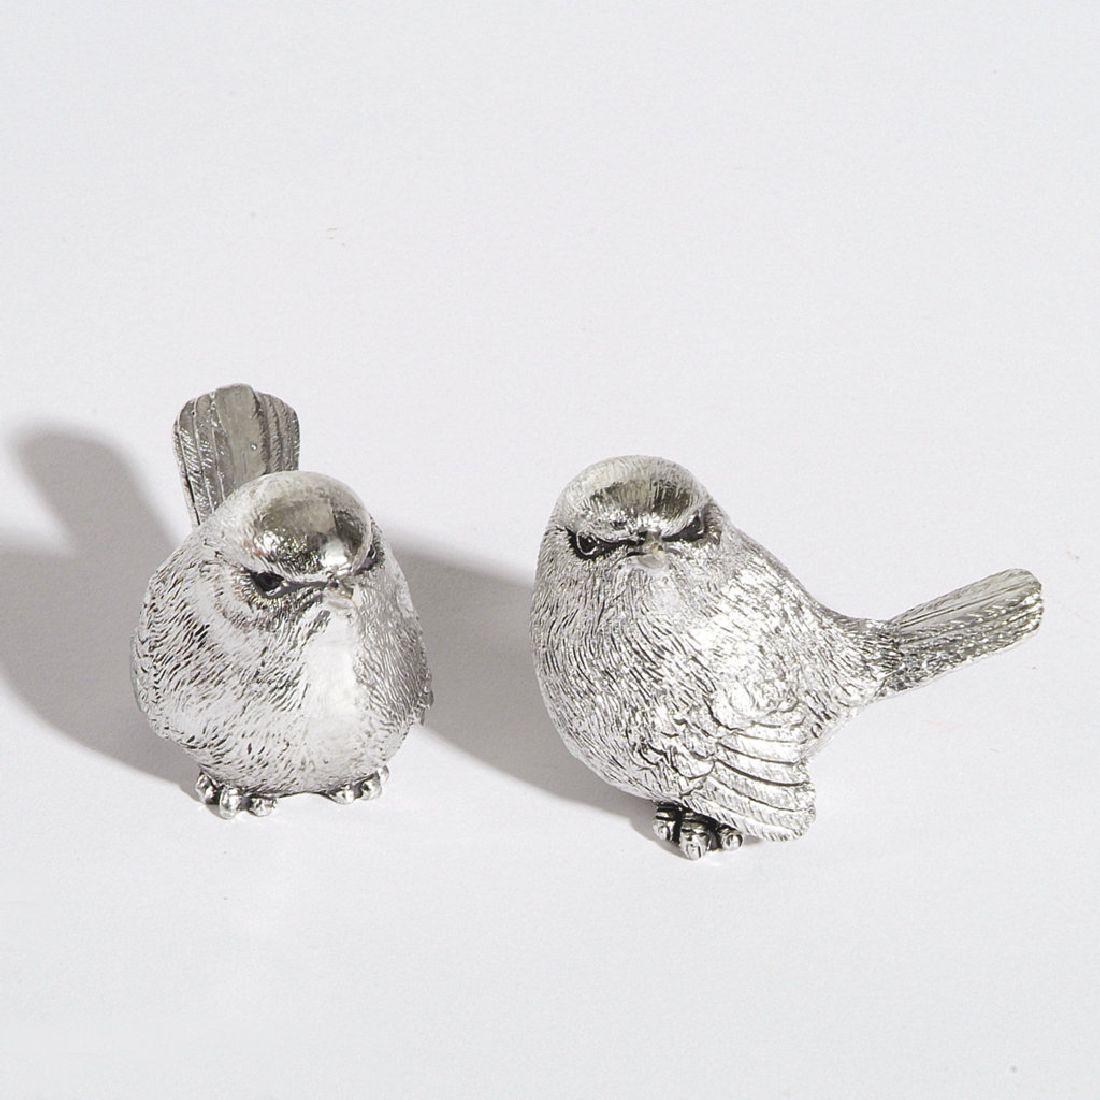 Vogel Silvius SILBER 77395 6cm 2-fach 4 Stück